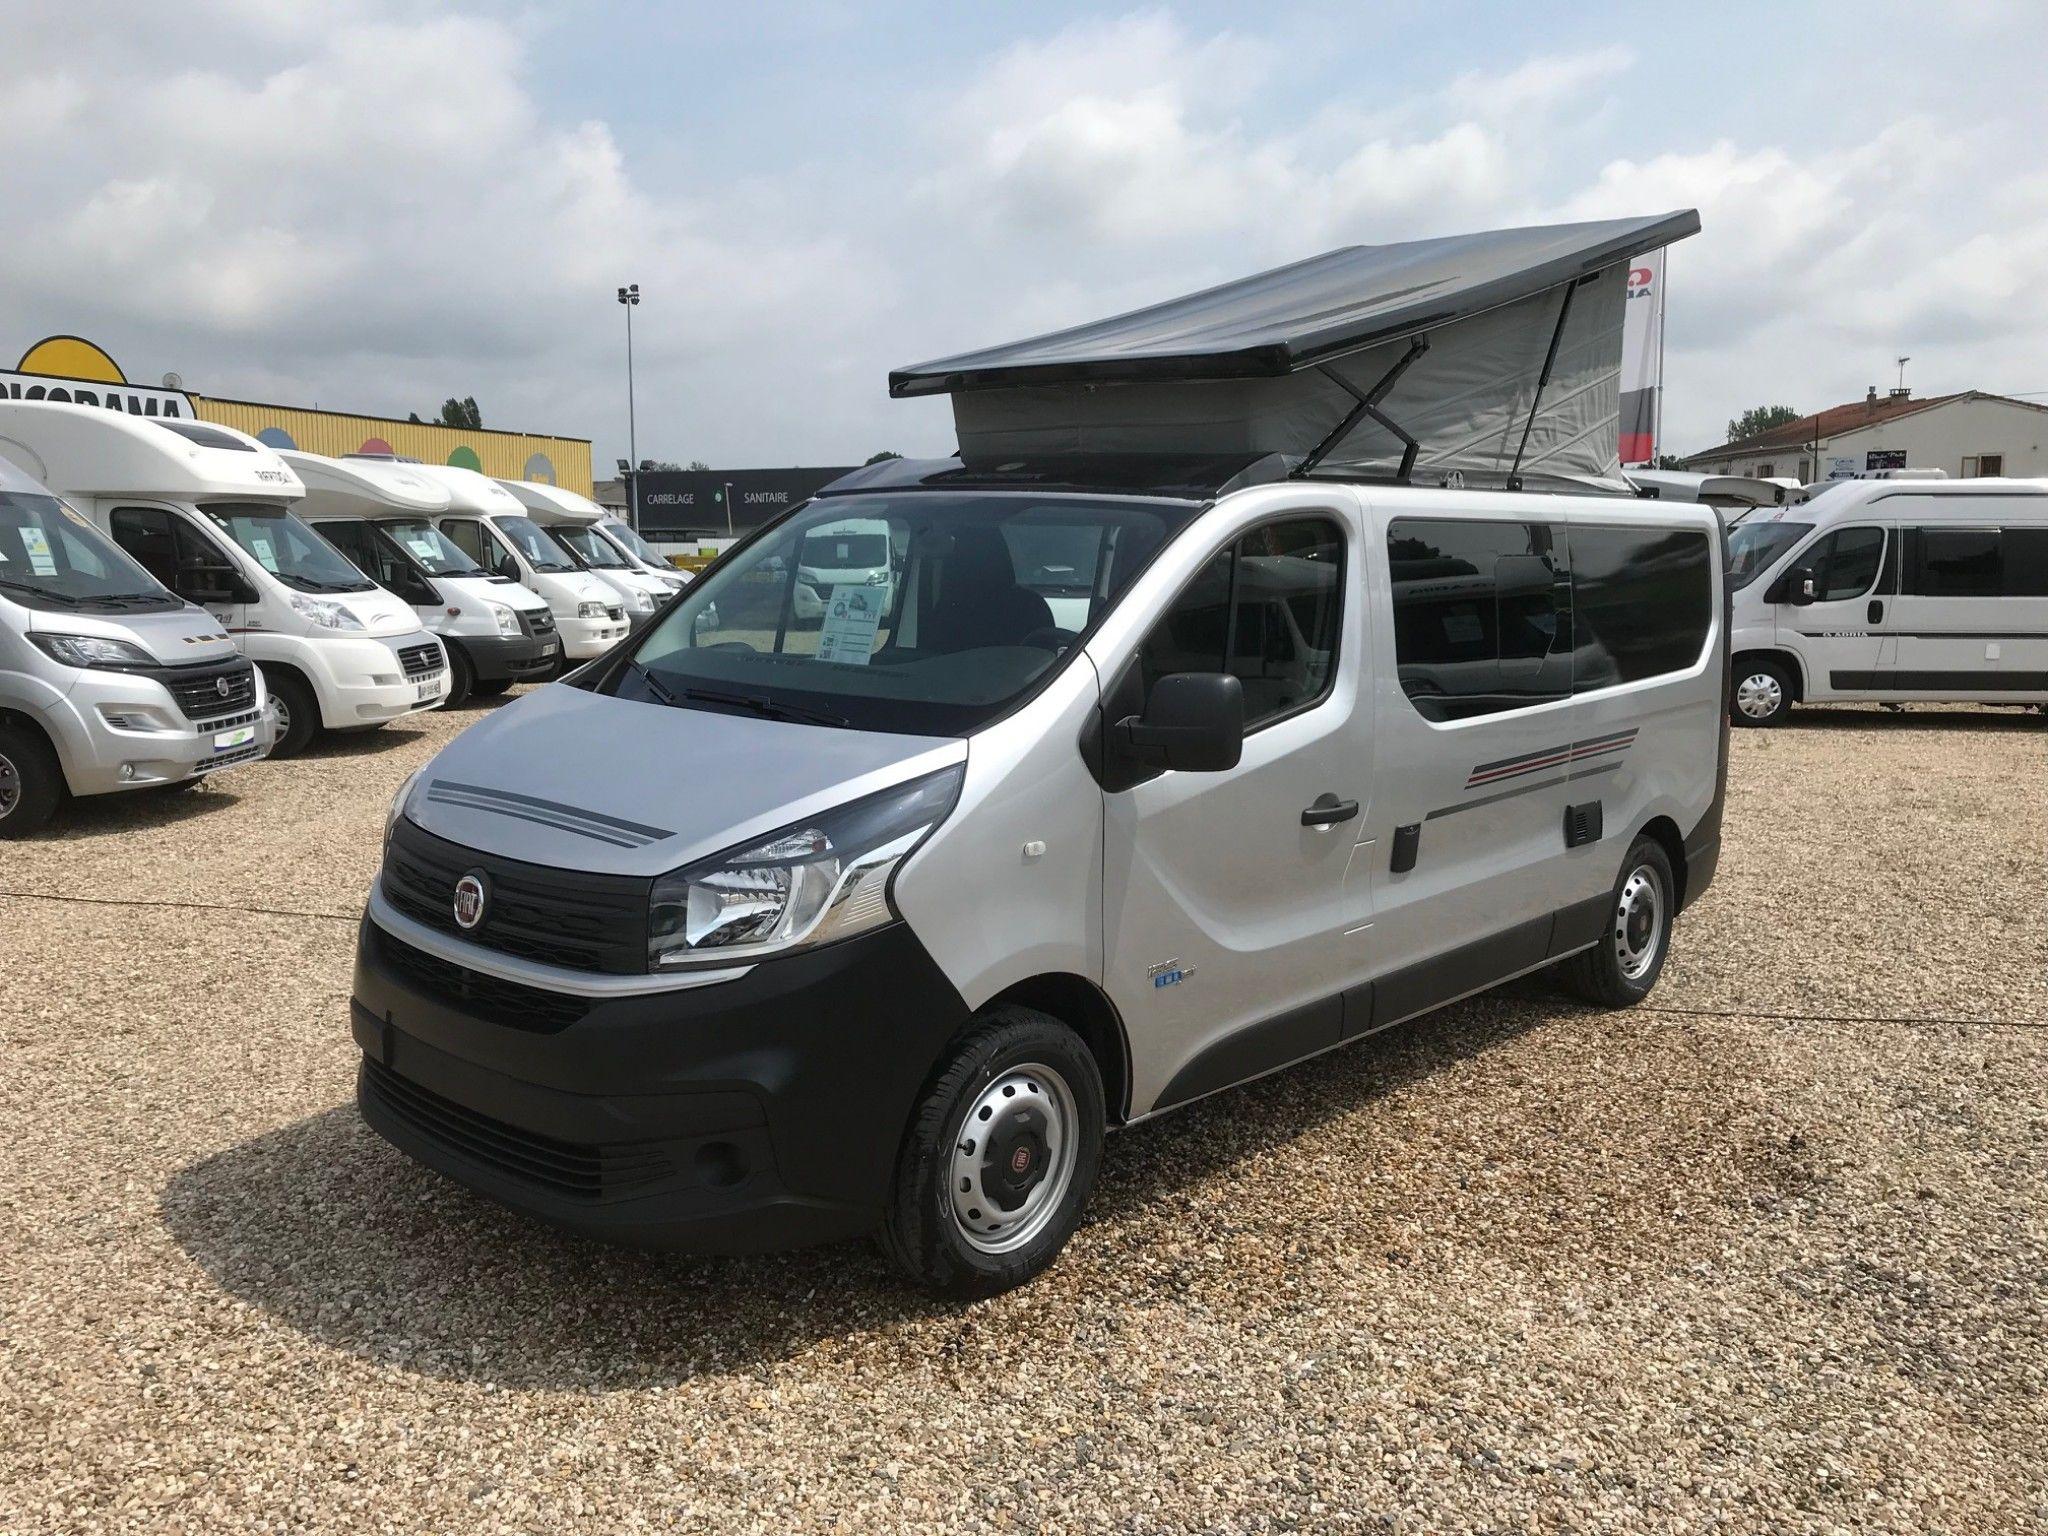 randger r 535 neuf de 2018 - fiat - camping car en vente  u00e0 albi - puygouzon  tarn